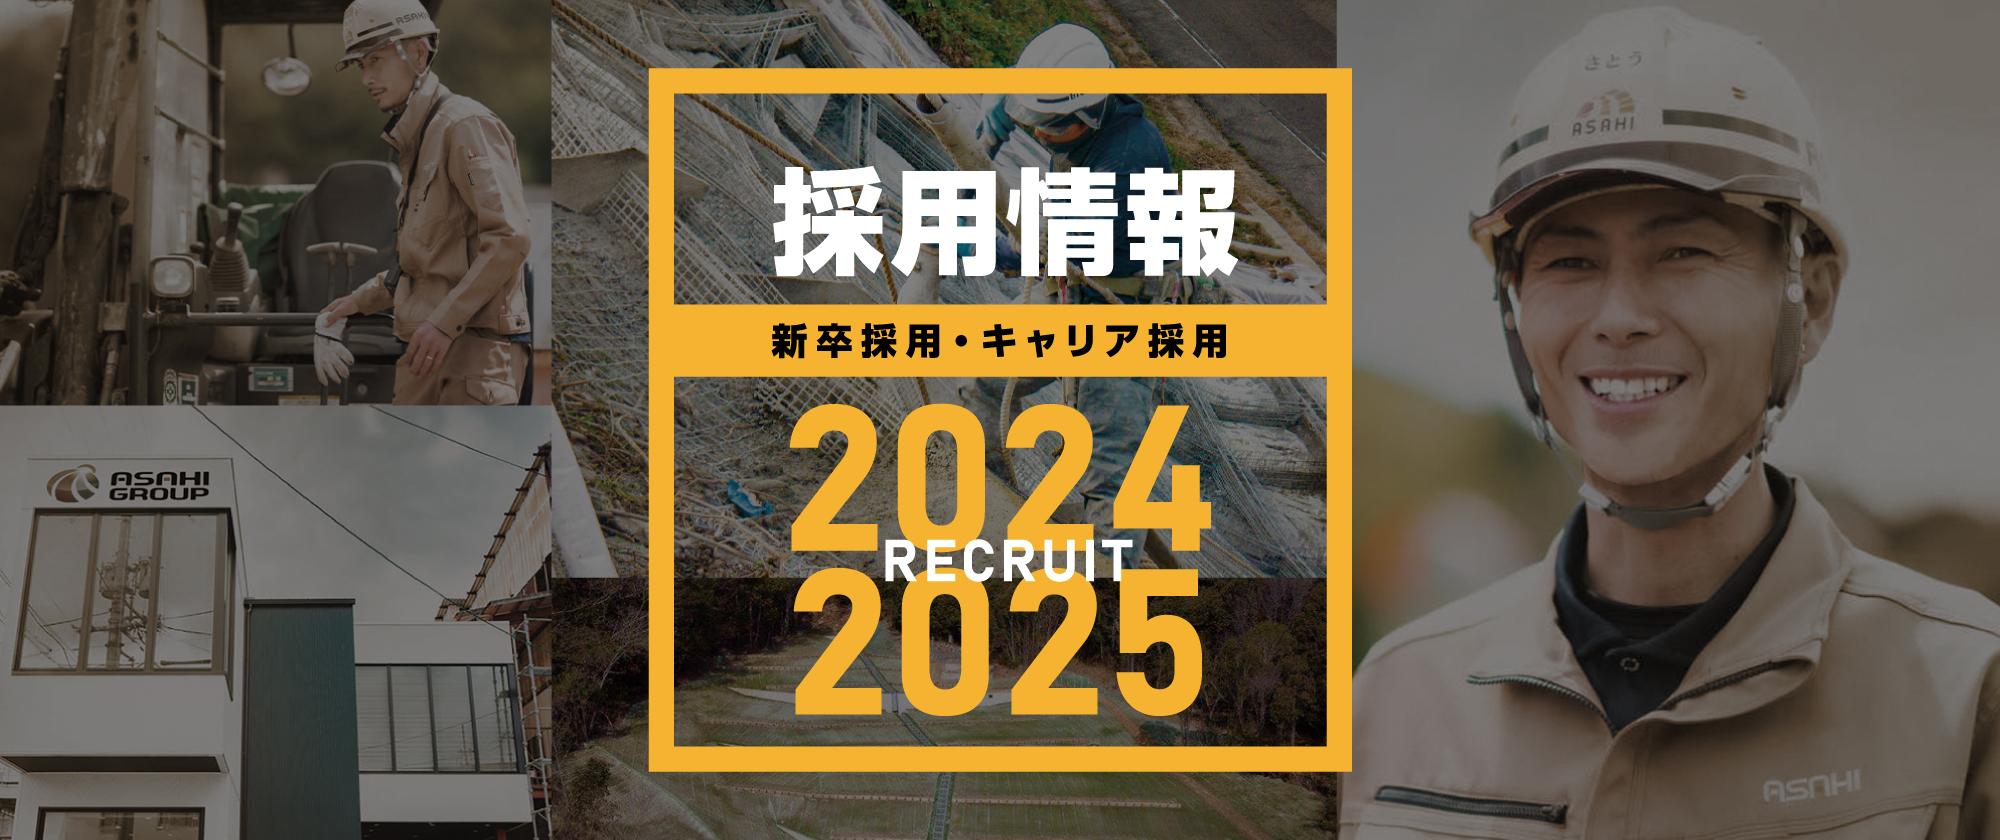 朝日グループ 採用情報 RECRUIT 2022